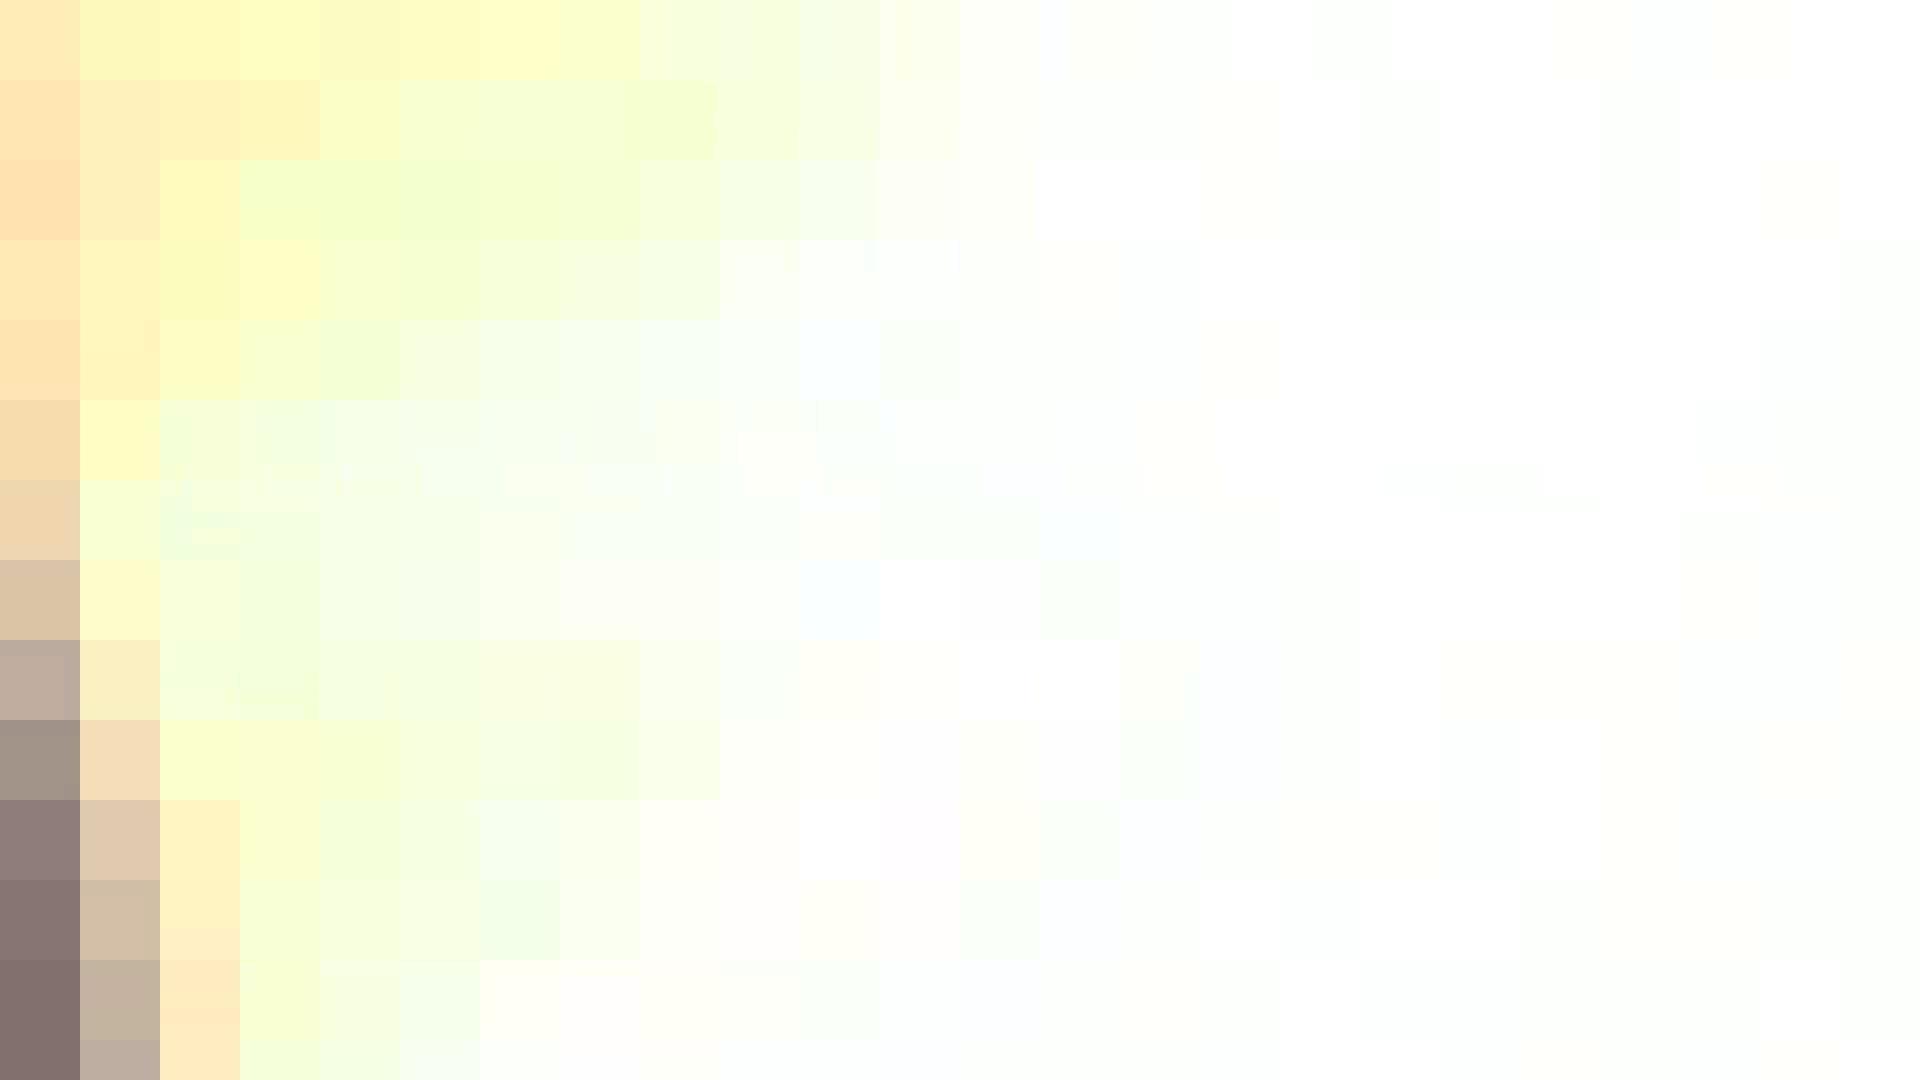 阿国ちゃんの「和式洋式七変化」No.18 iBO(フタコブ) 洗面所 エロ無料画像 96画像 34